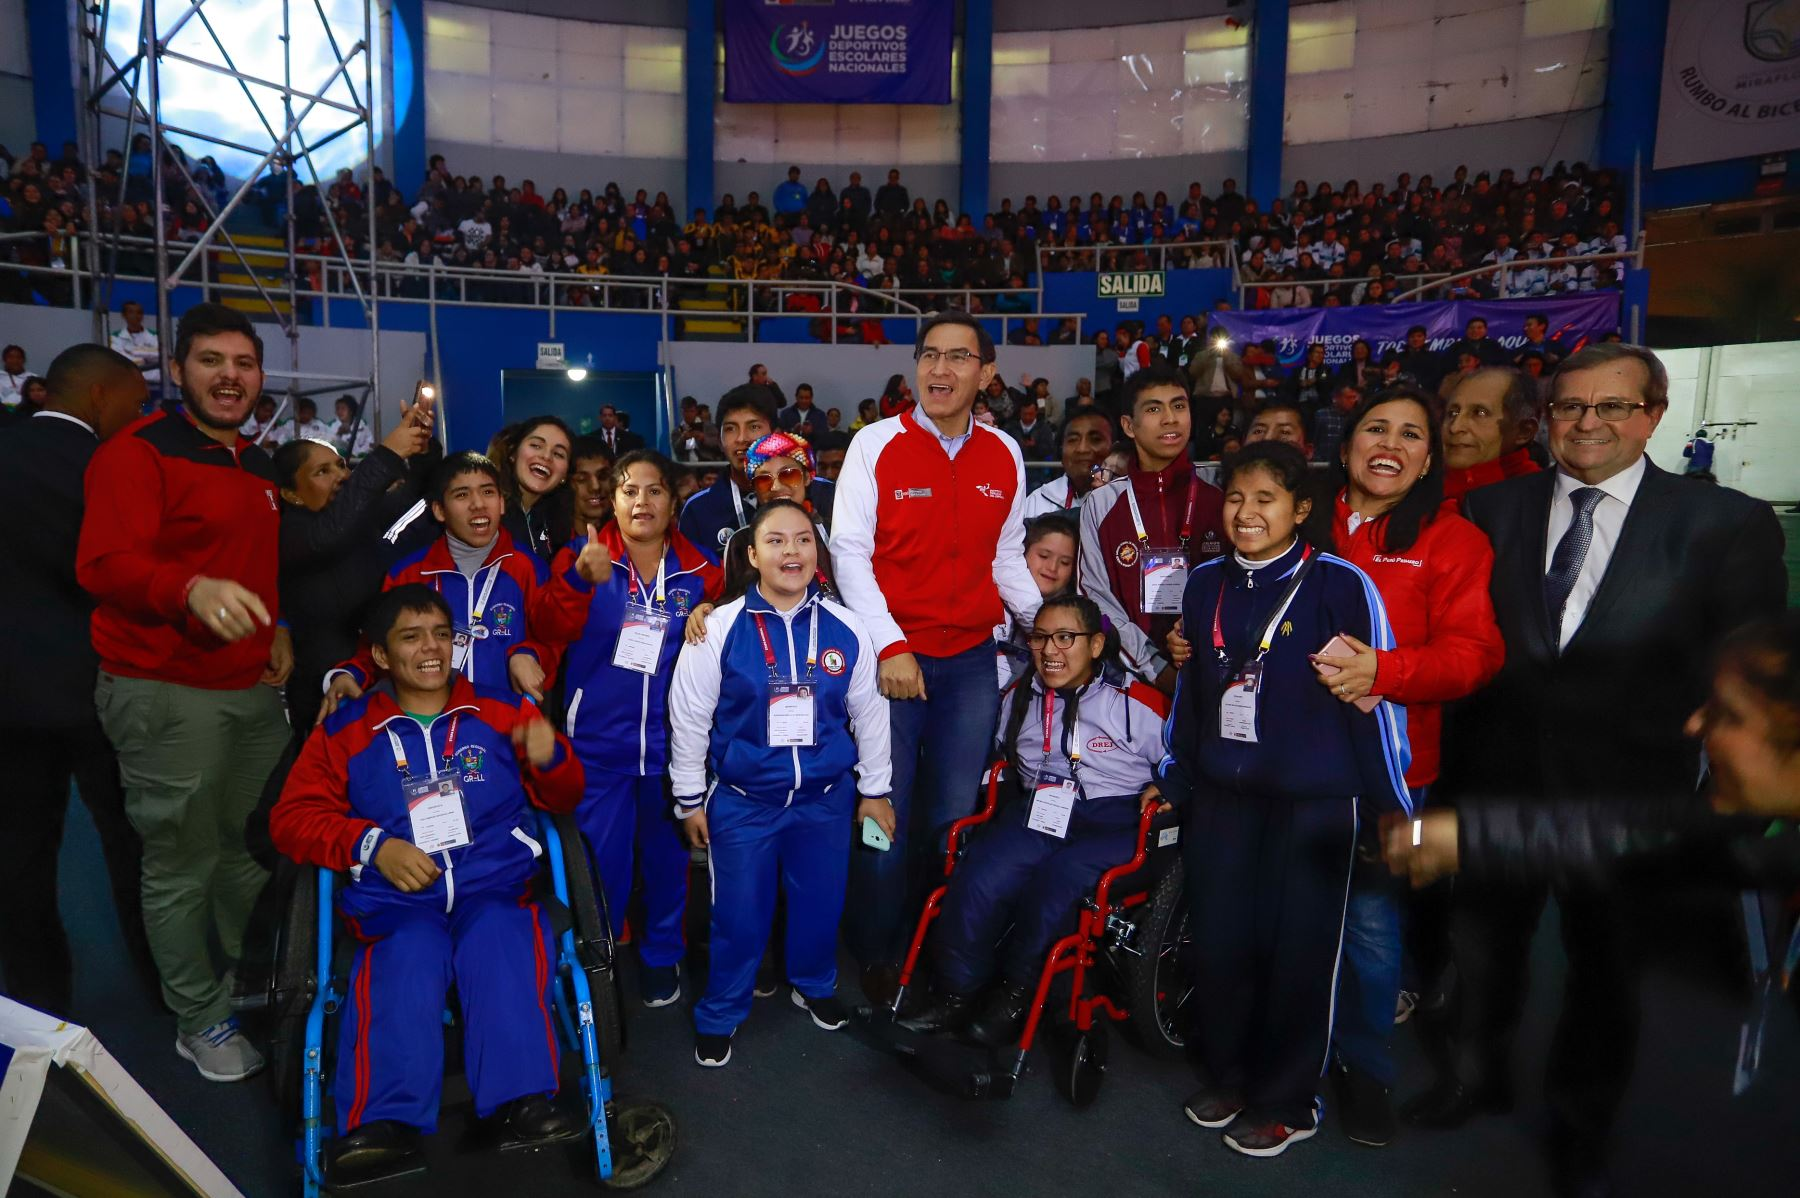 Presidente Martin Vizcarra inauguró los XXVII Juegos Deportivos Escolares Nacionales 2019, en el Coliseo Bonilla de Miraflores.Foto: ANDINA/Prensa Presidencia